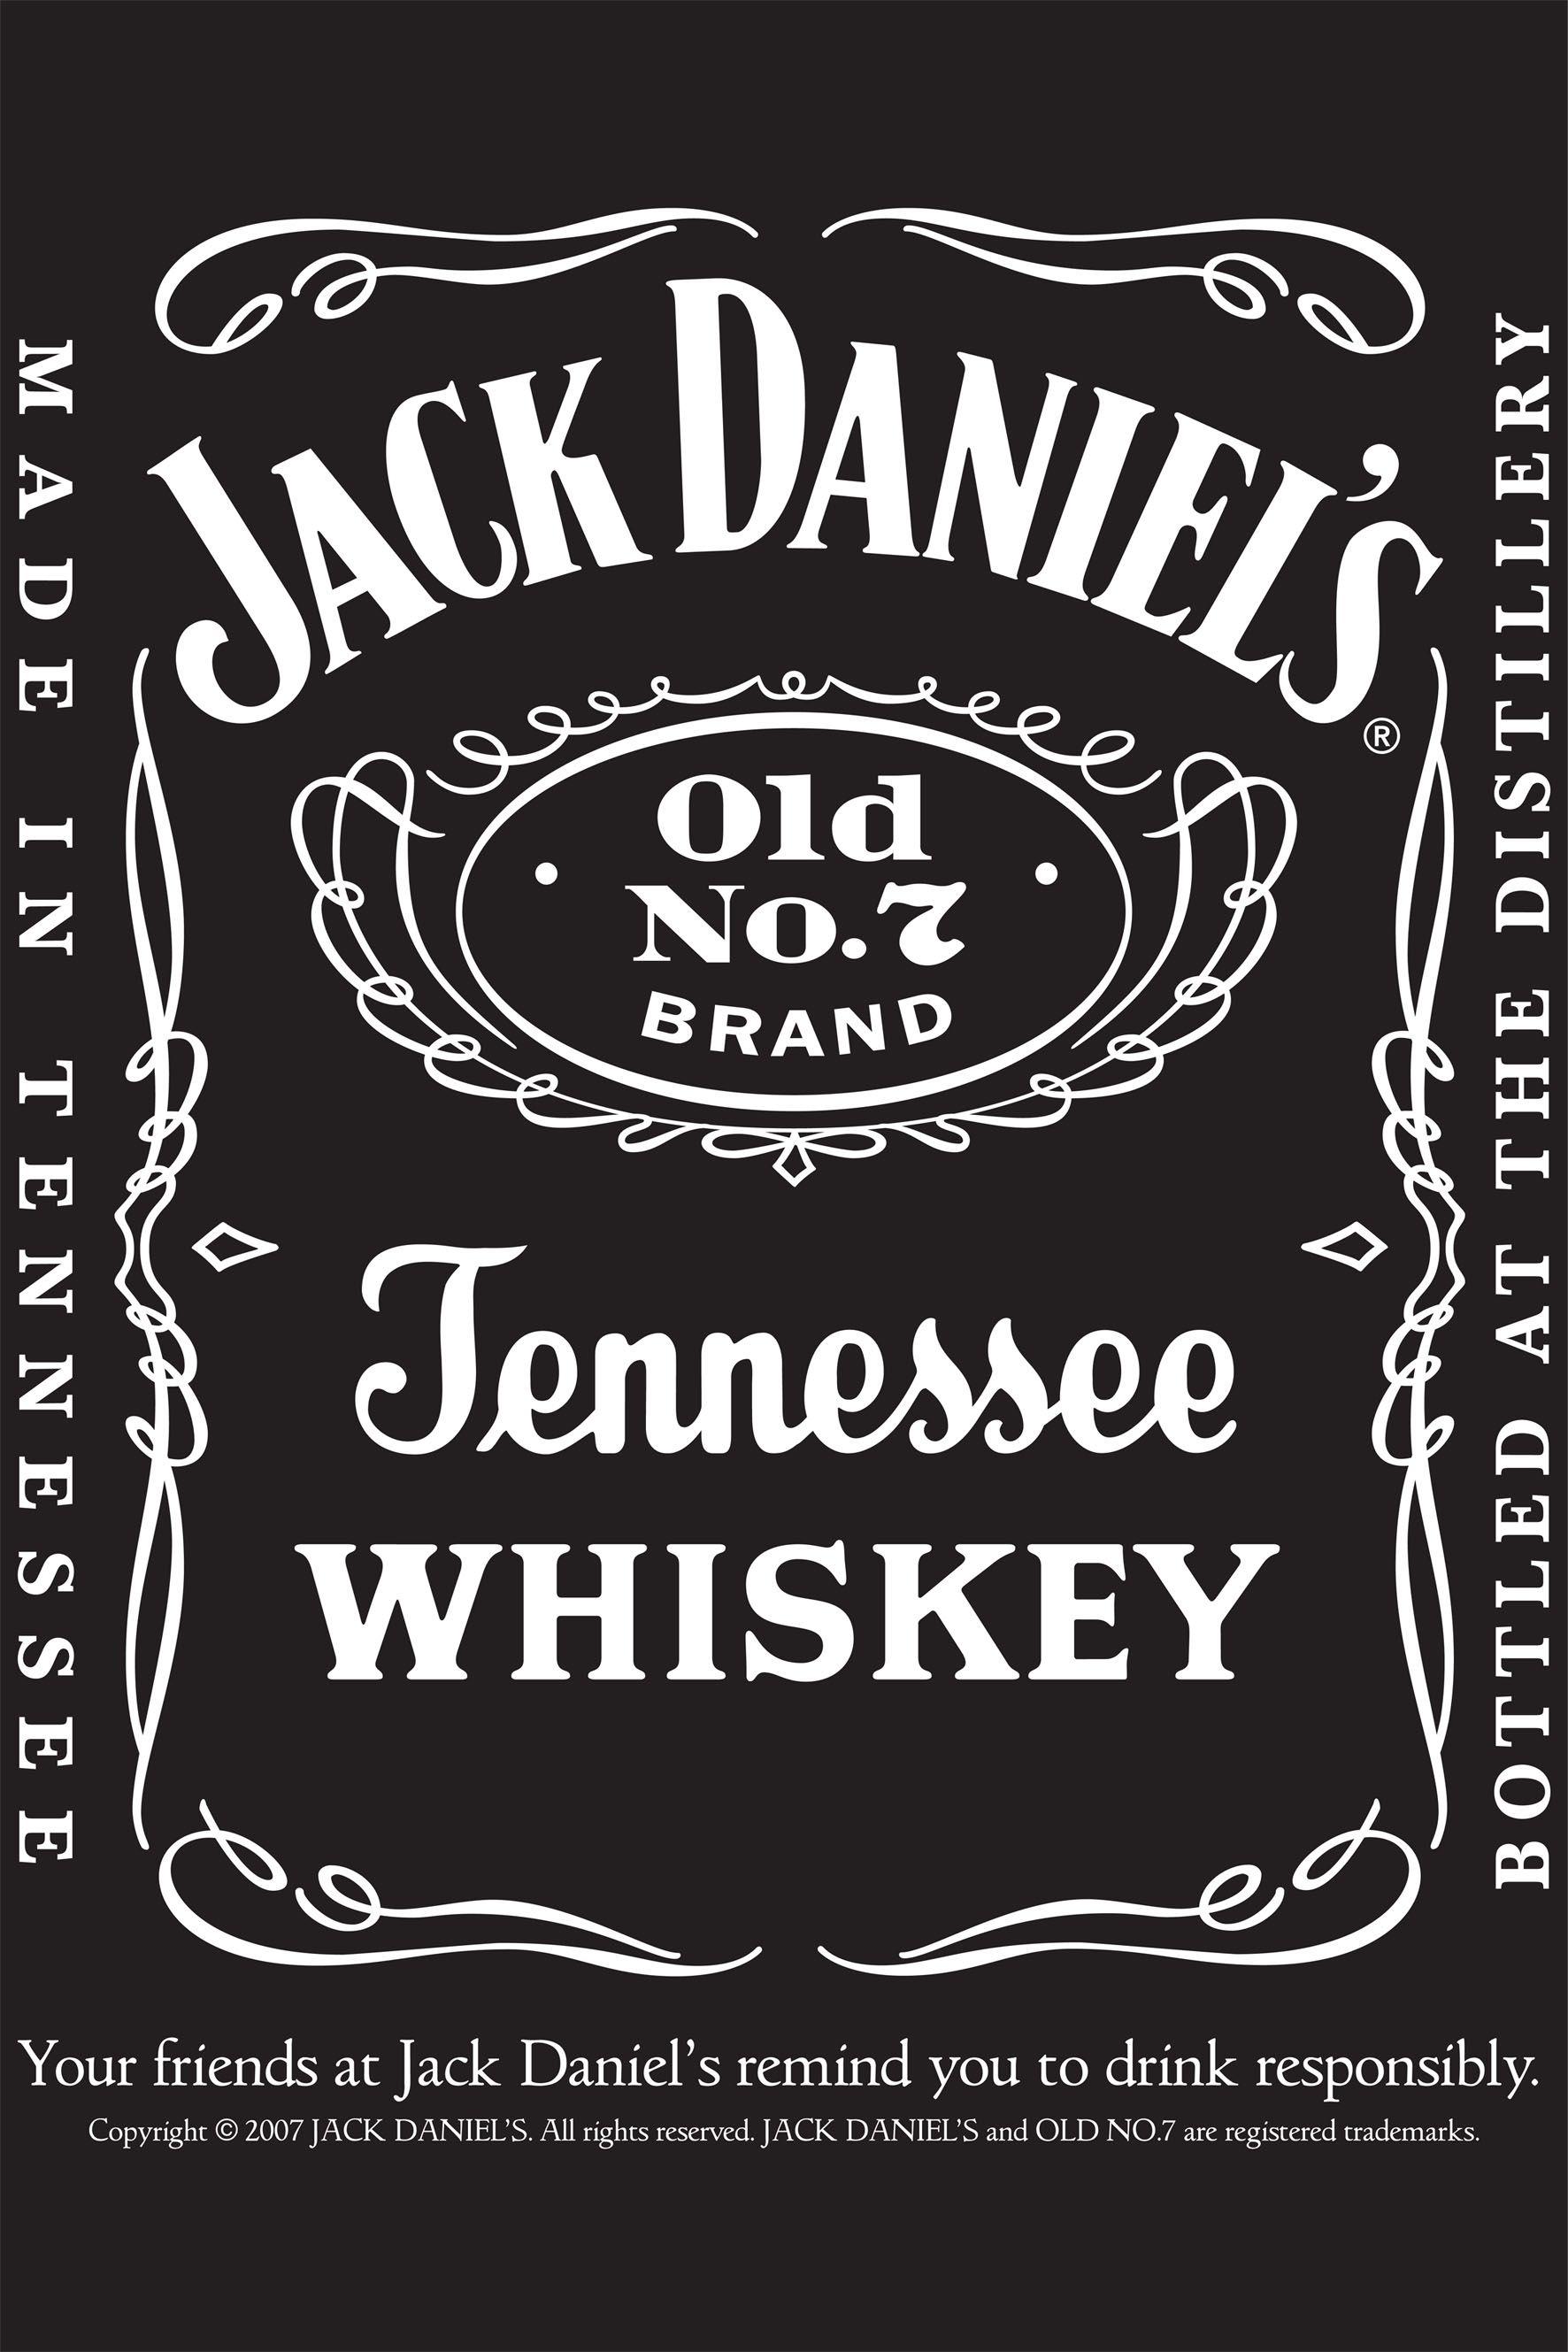 jack daniels vintage, label, whiskey, antique, design